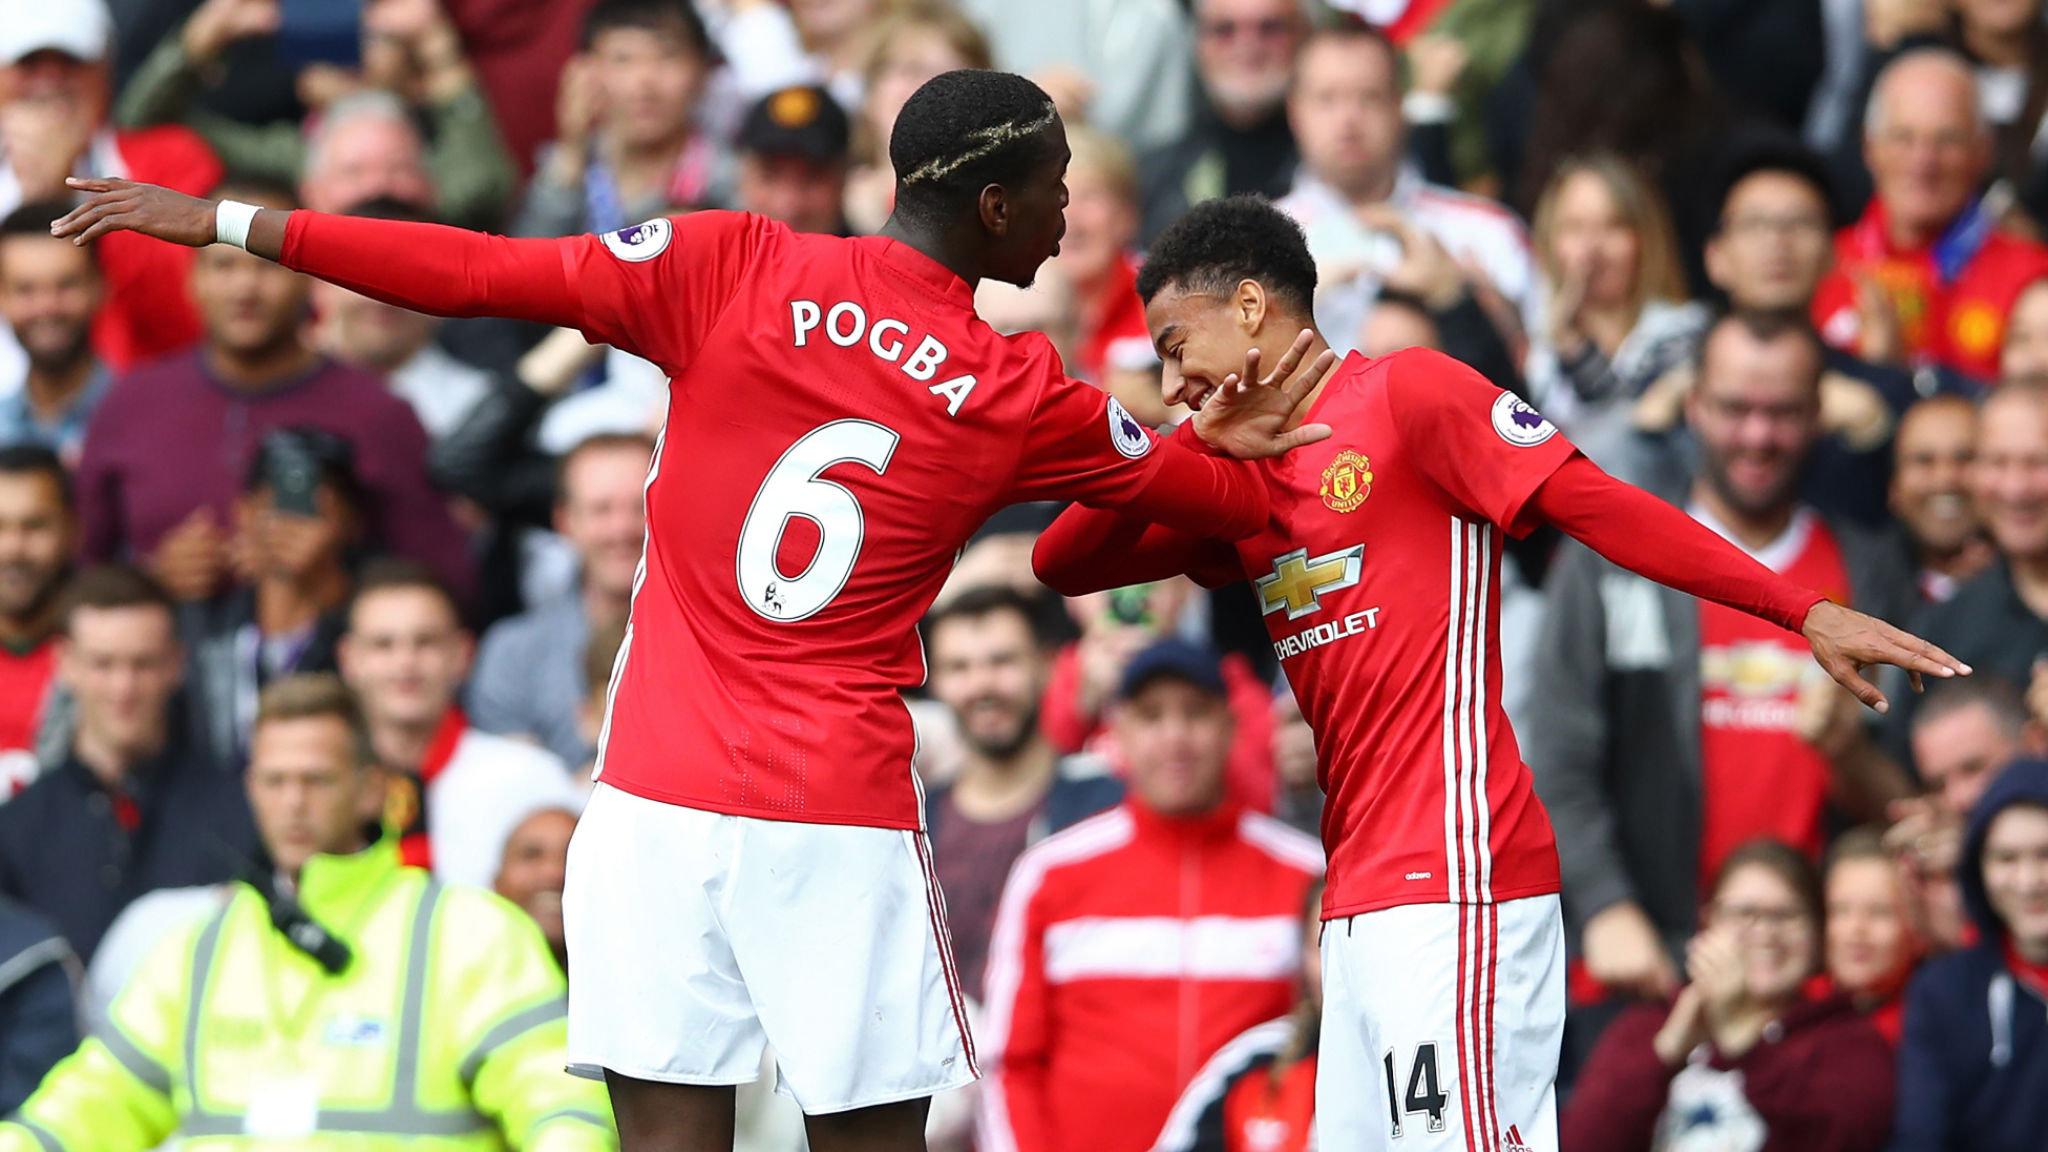 Với một chiến thuật vô cùng lọc lõi, Man United của Jose Mourinho đã đánh bại Tottenham 1-0 trên sân nhà Old Trafford.